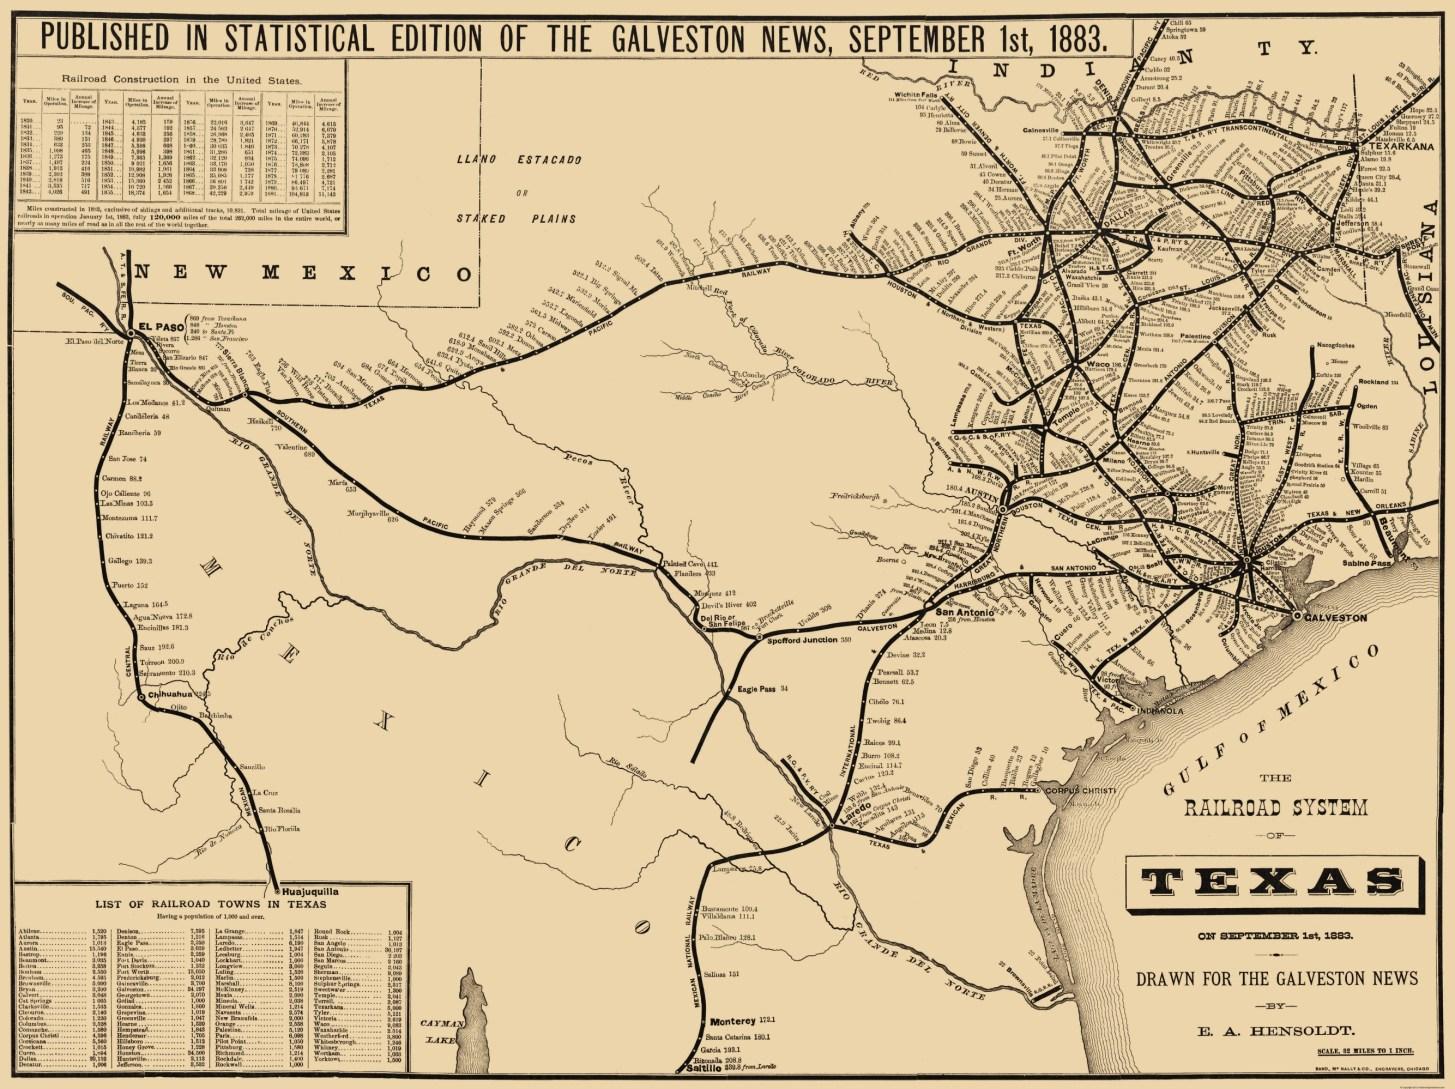 Texas Railroads 1883